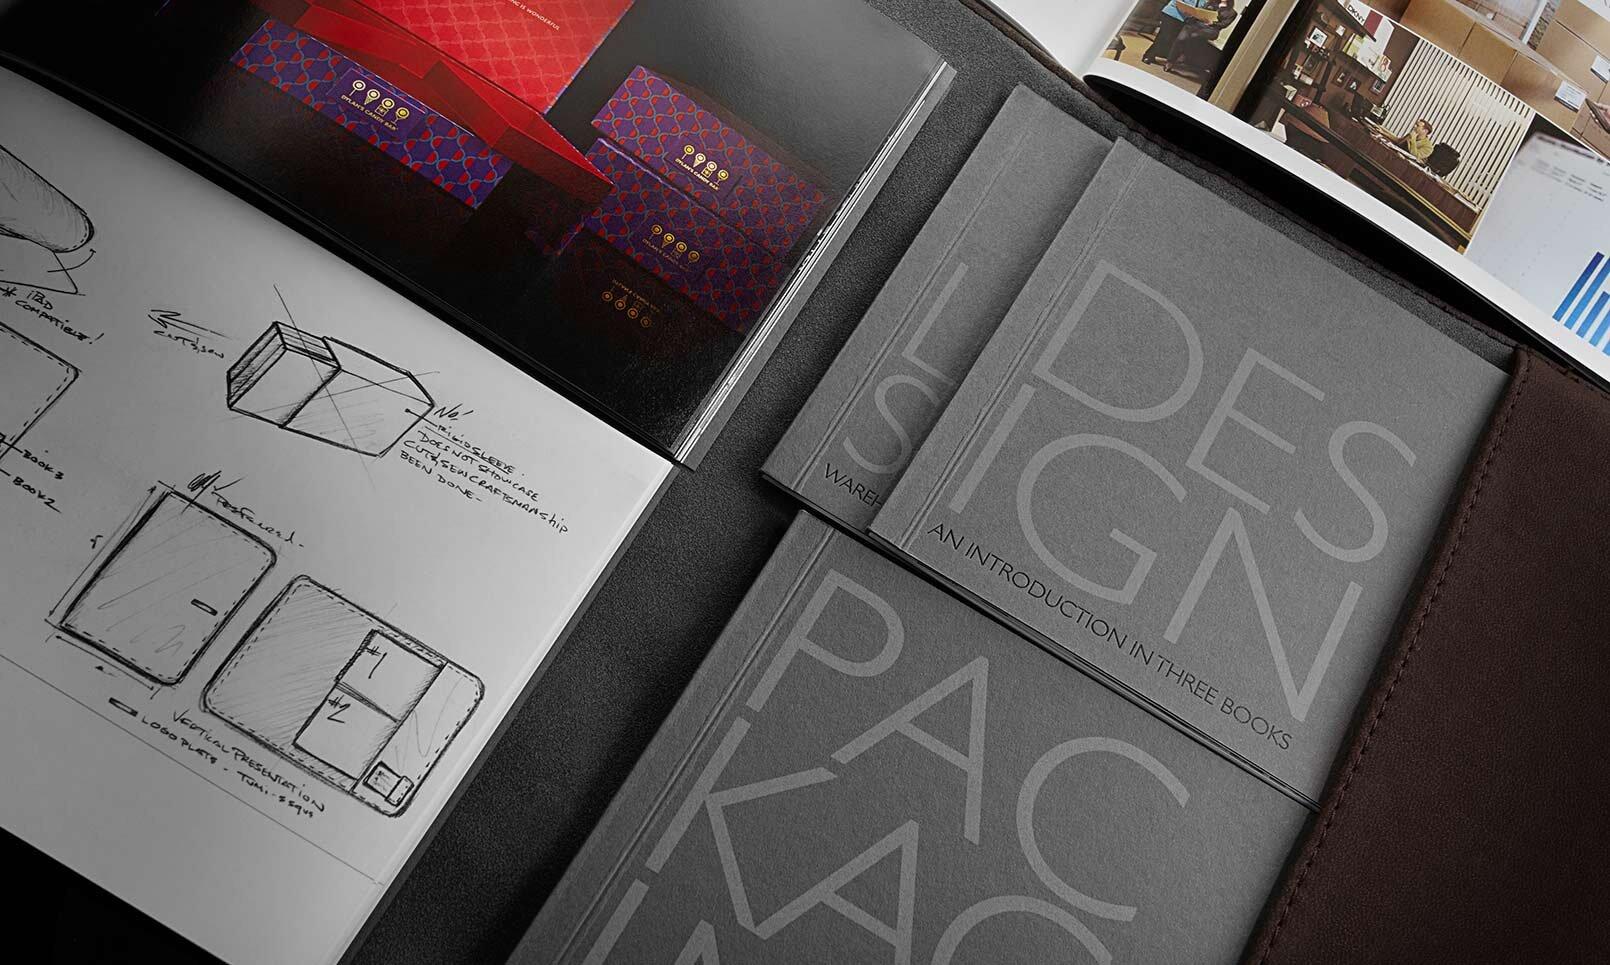 设计 - 包装 - 促销 - 豪华套装 - 刚性箱切割和缝合带-3.jpg